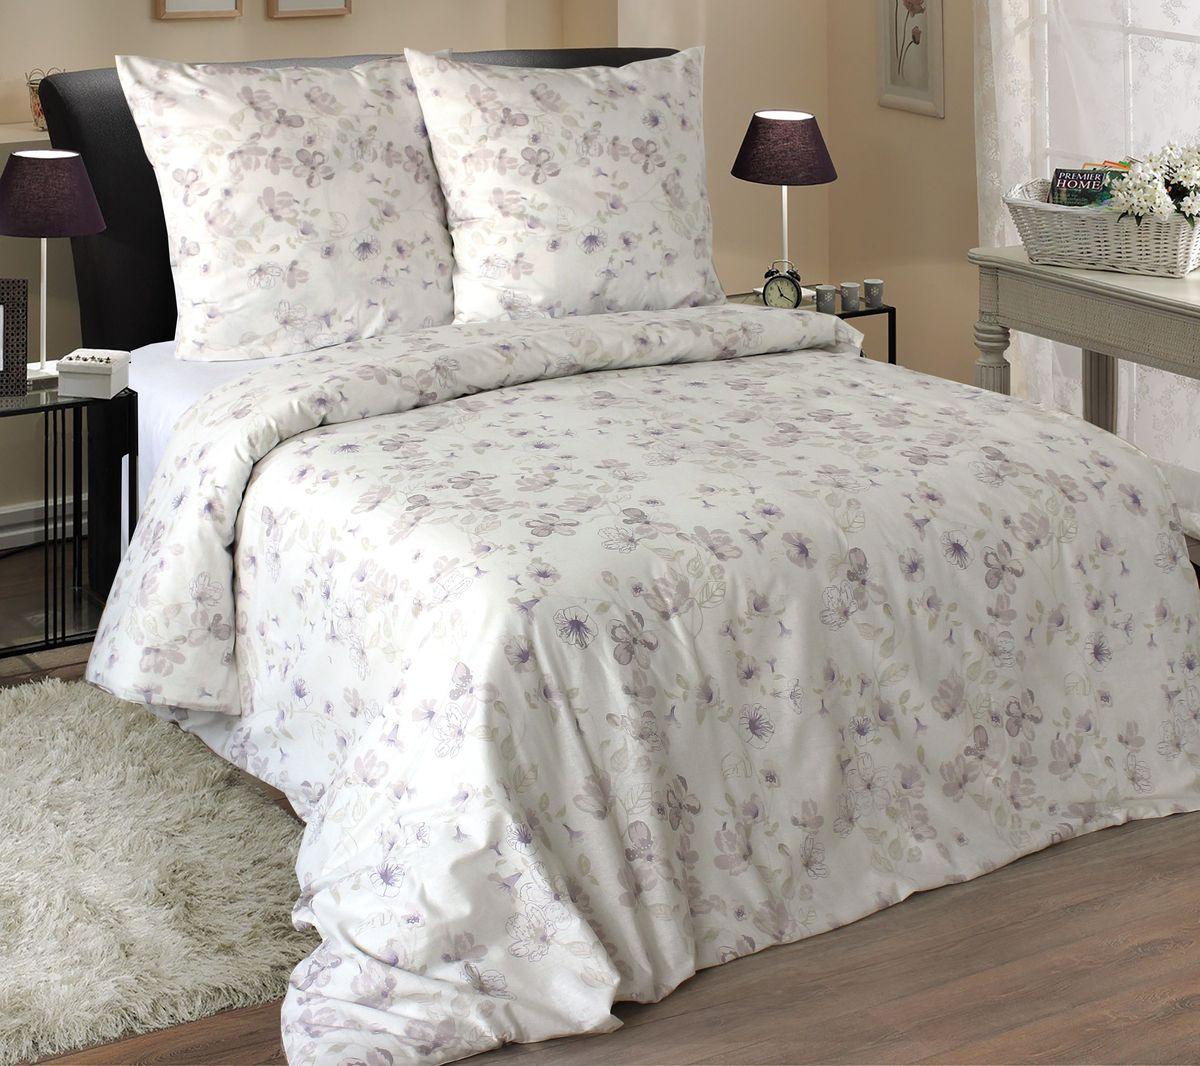 Комплект белья Коллекция Эмили 2, 2,5-спальный, наволочки 50x70. БК2,5/50/ОЗ/эми2БК2,5/50/ОЗ/эми2